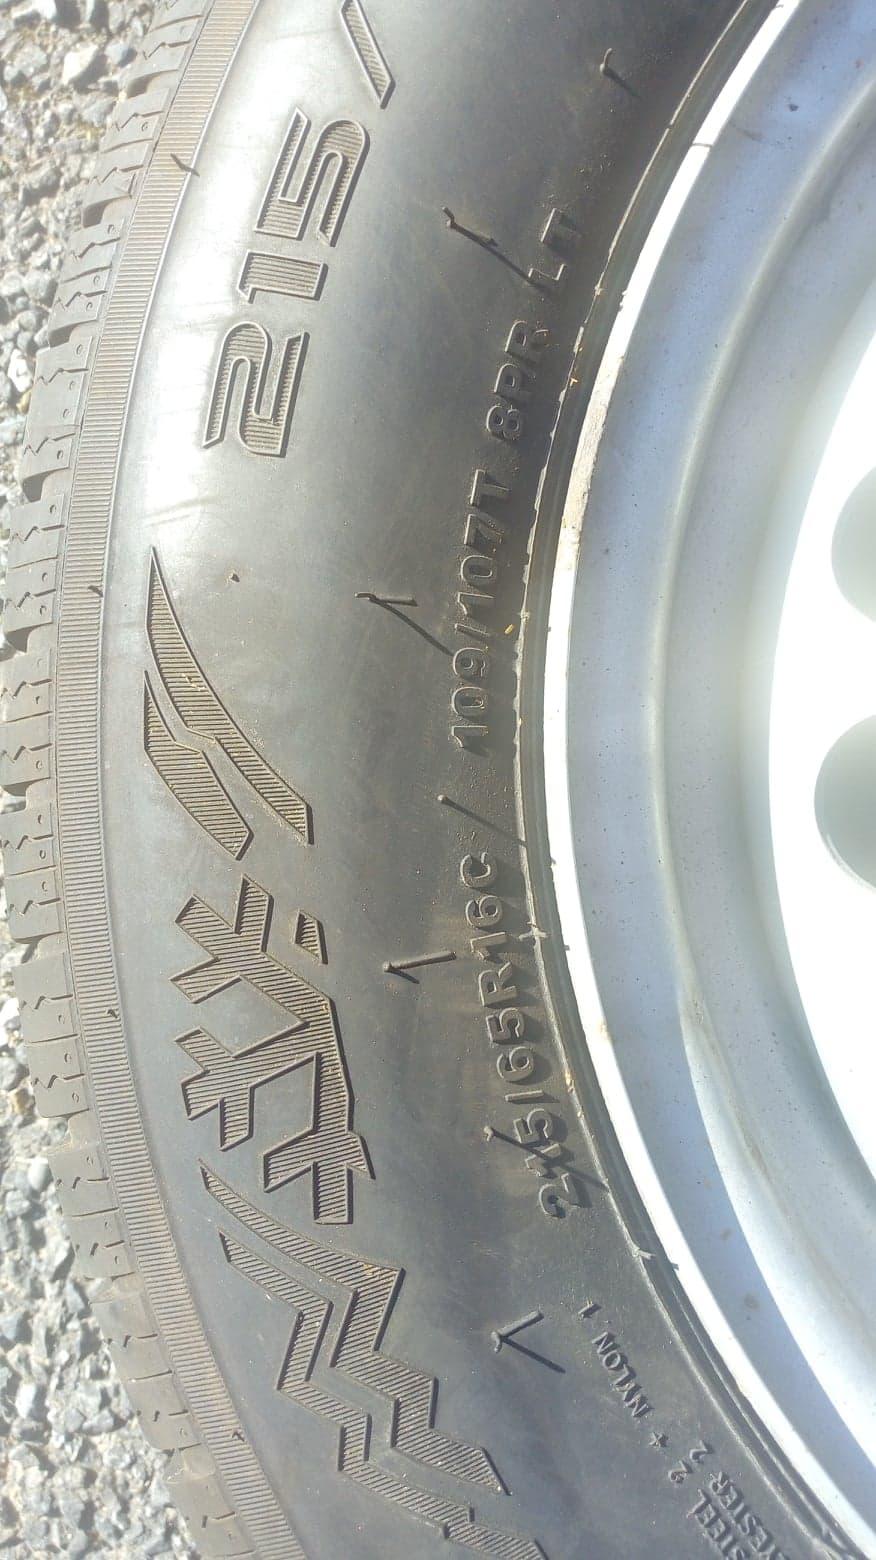 jantes acier 16 pouces equipées pneus hiver 215/65R16C 109T pour T5 174cv 4motion 44432411